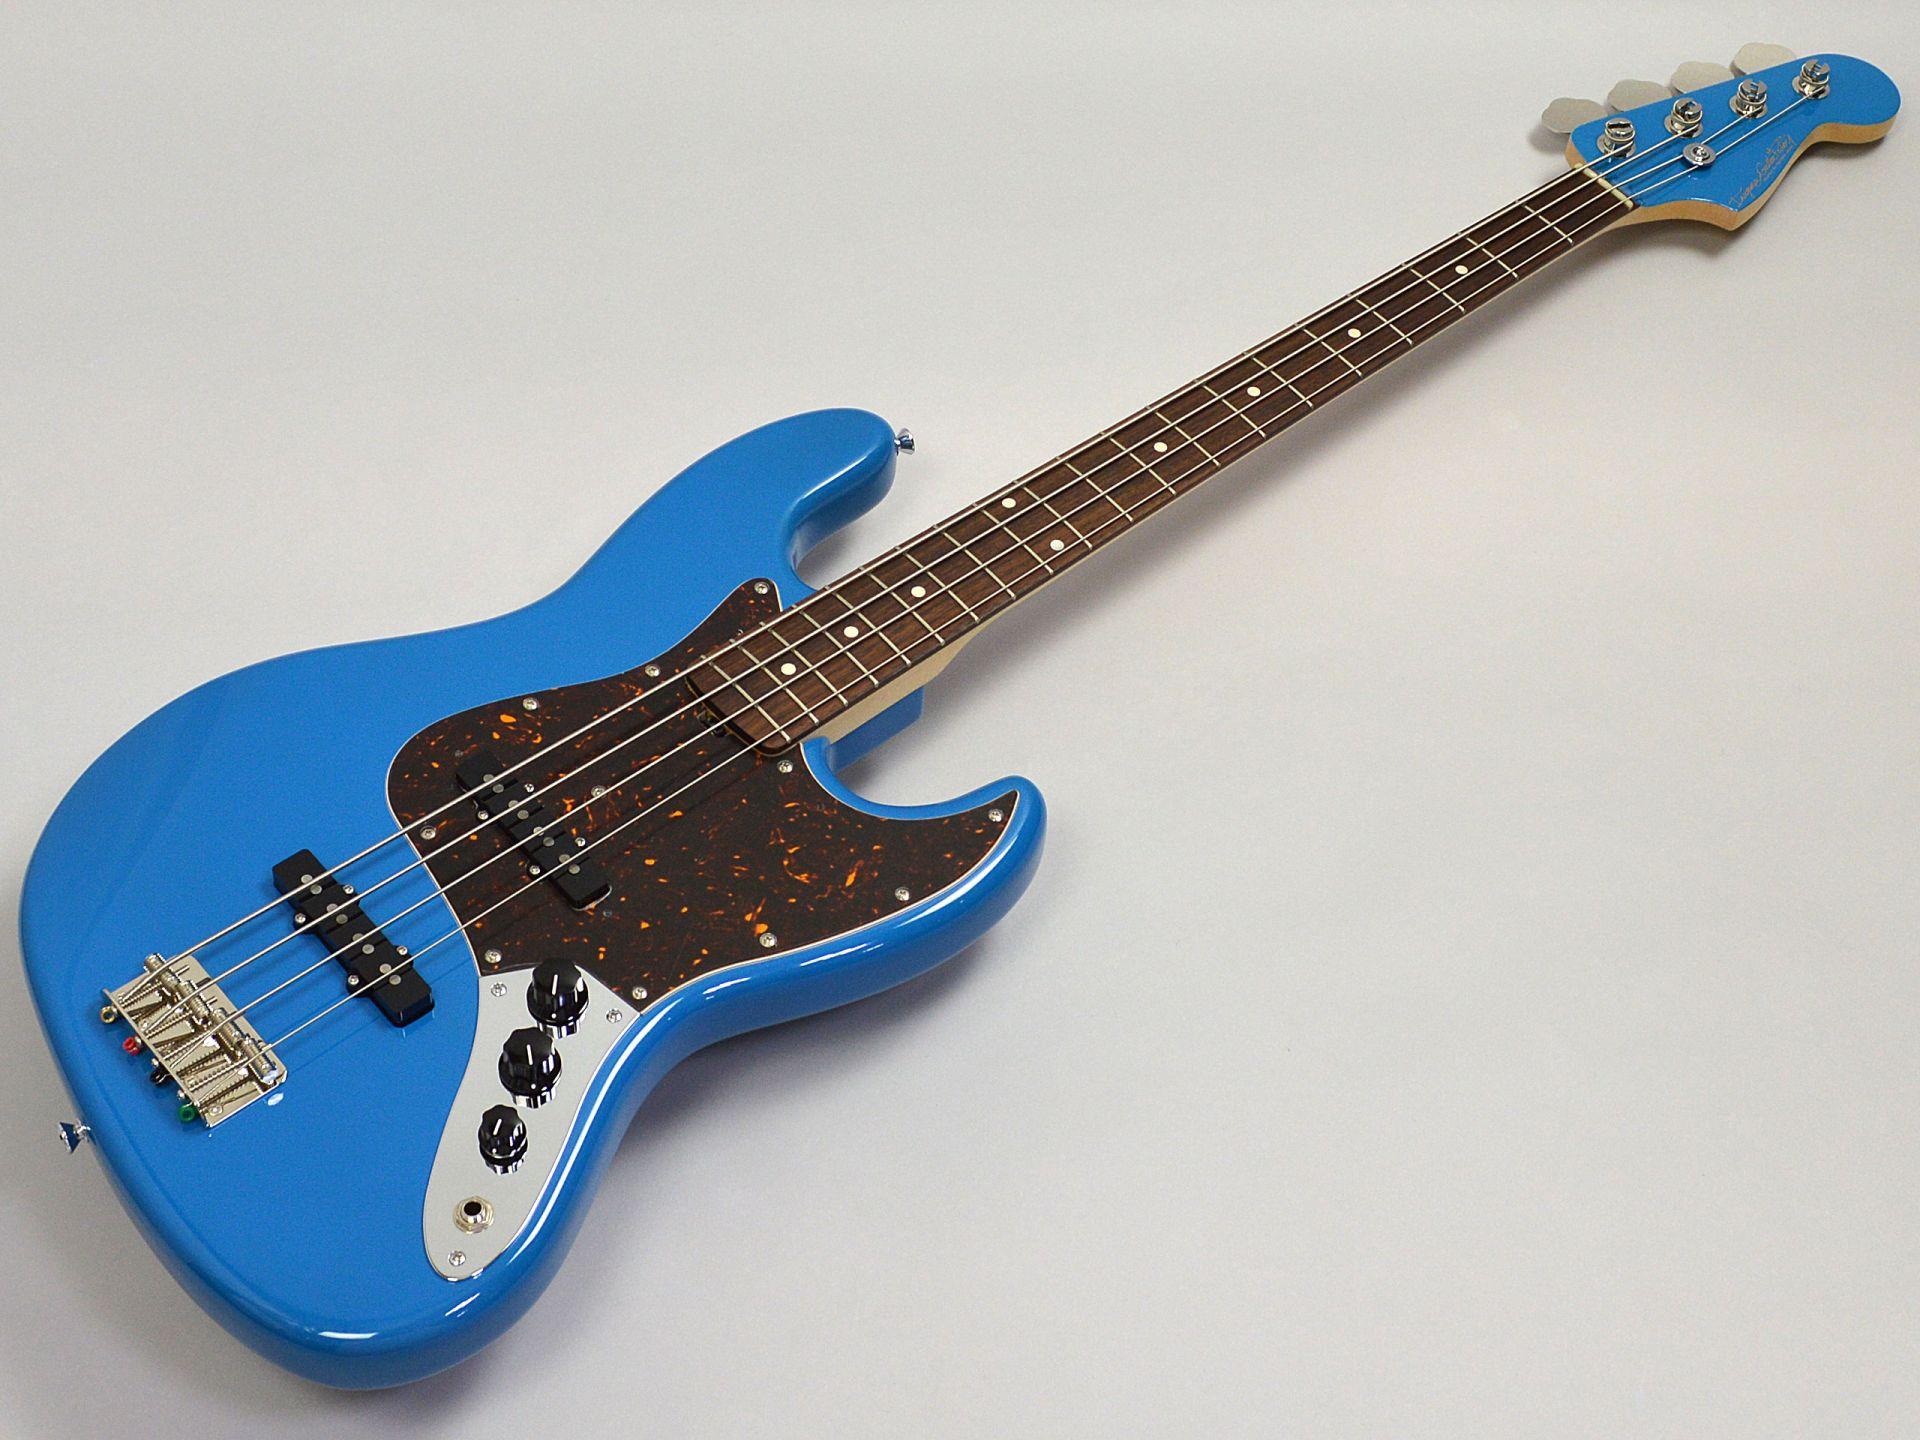 Inuyama Guitar Factory B21-J Al/L/Ash/Cobalt Blueトップ画像